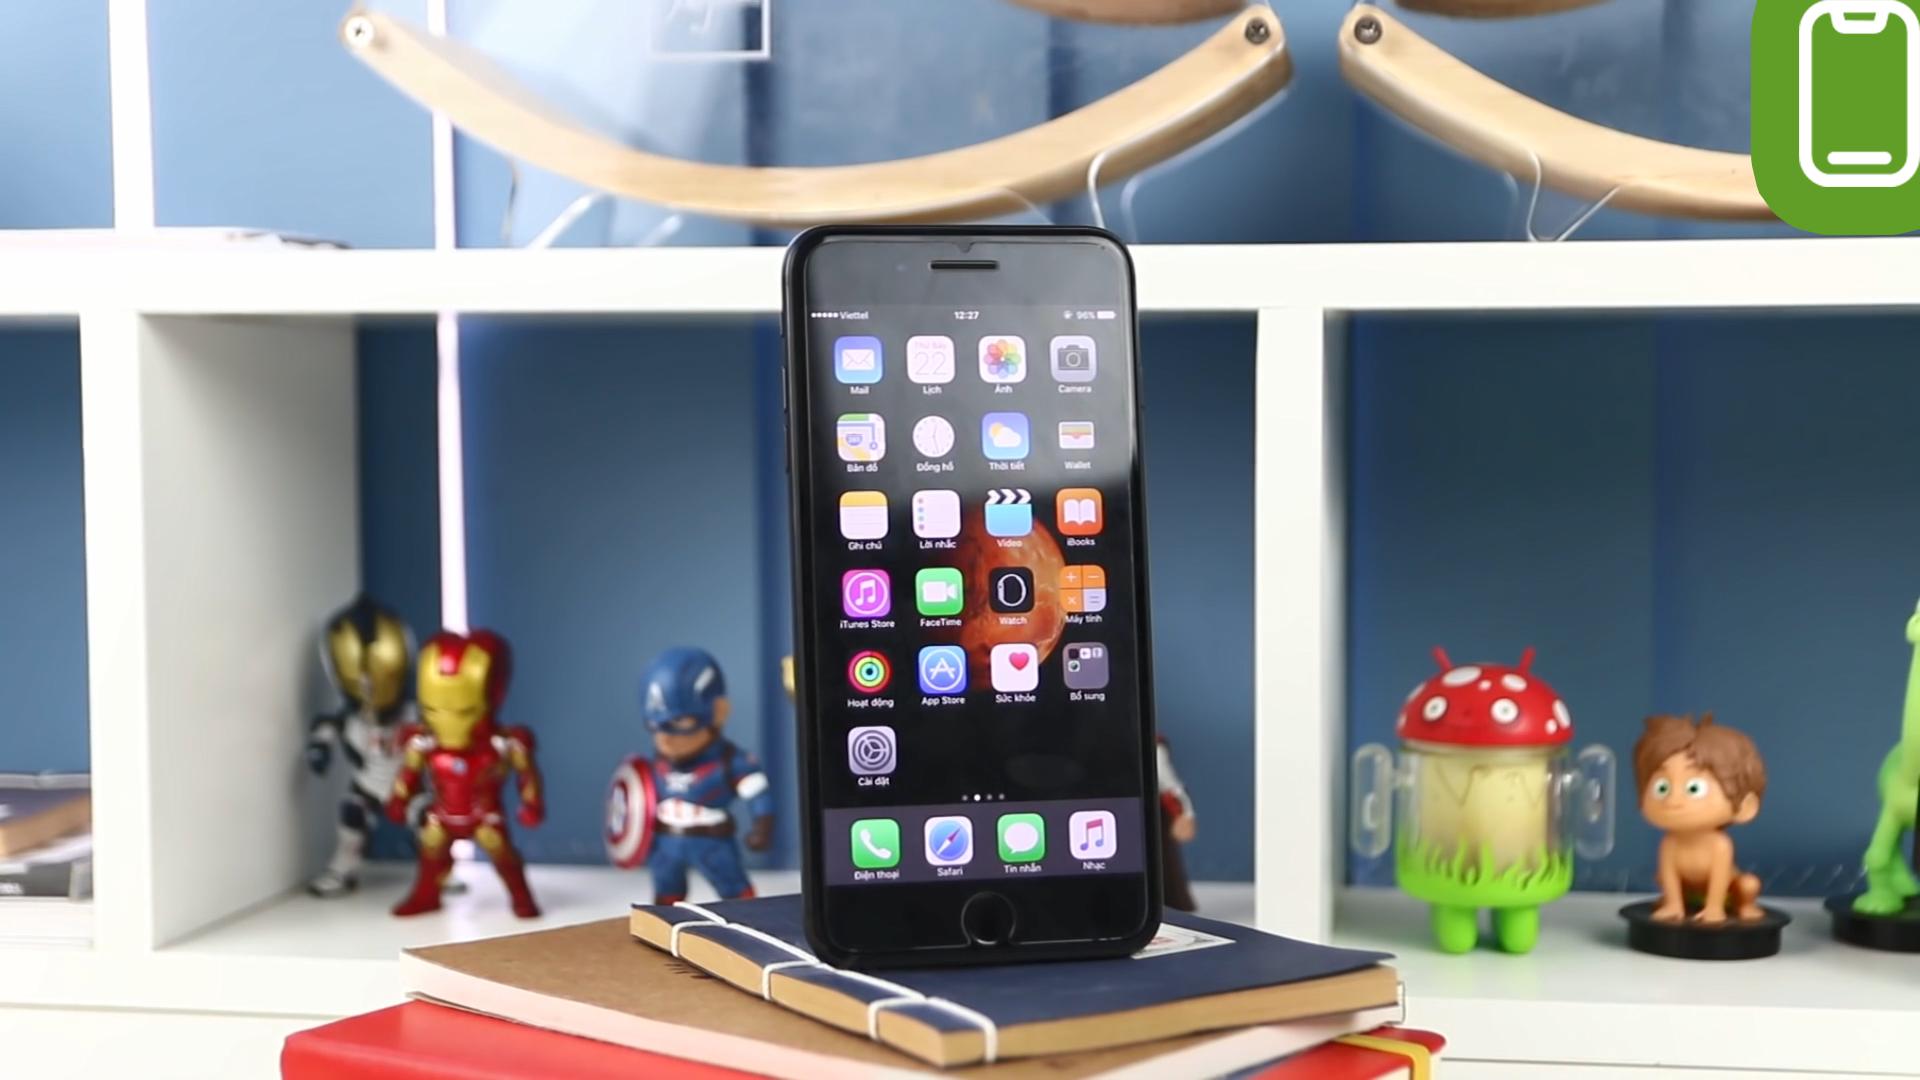 Đánh giá chi tiết iPhone 7 Plus - Ảnh 1